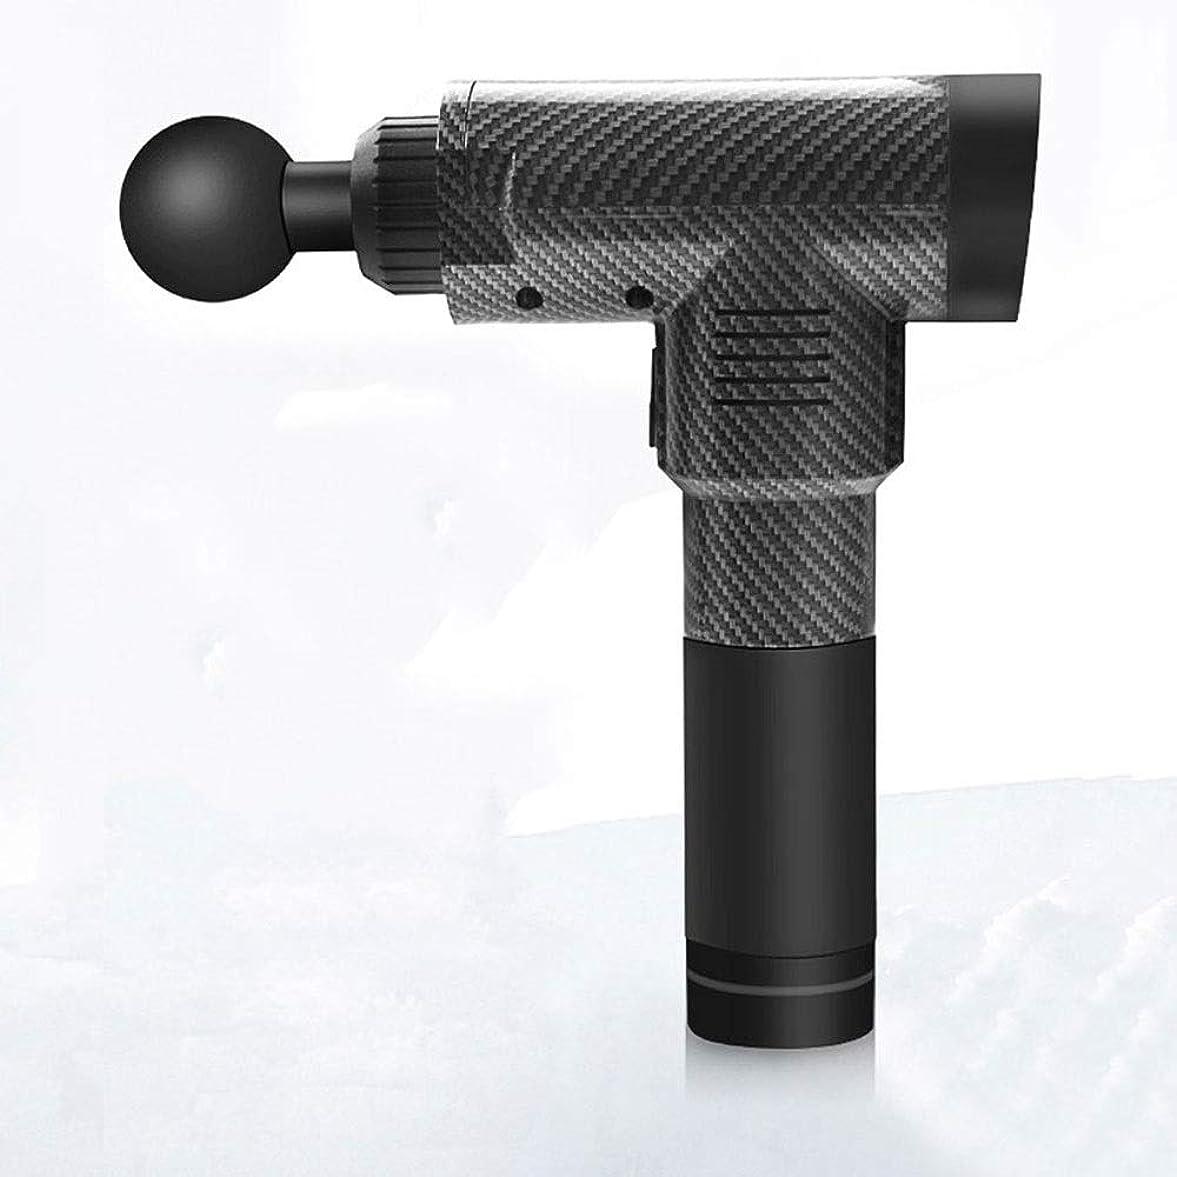 同盟神経衰弱改修するヌアキシン 電動筋膜銃マッサージ銃深筋リラクゼーション家庭用フィットネス、低ノイズ、4マッサージヘッド、5回の調整、サイズ28.3x25.2cm N30